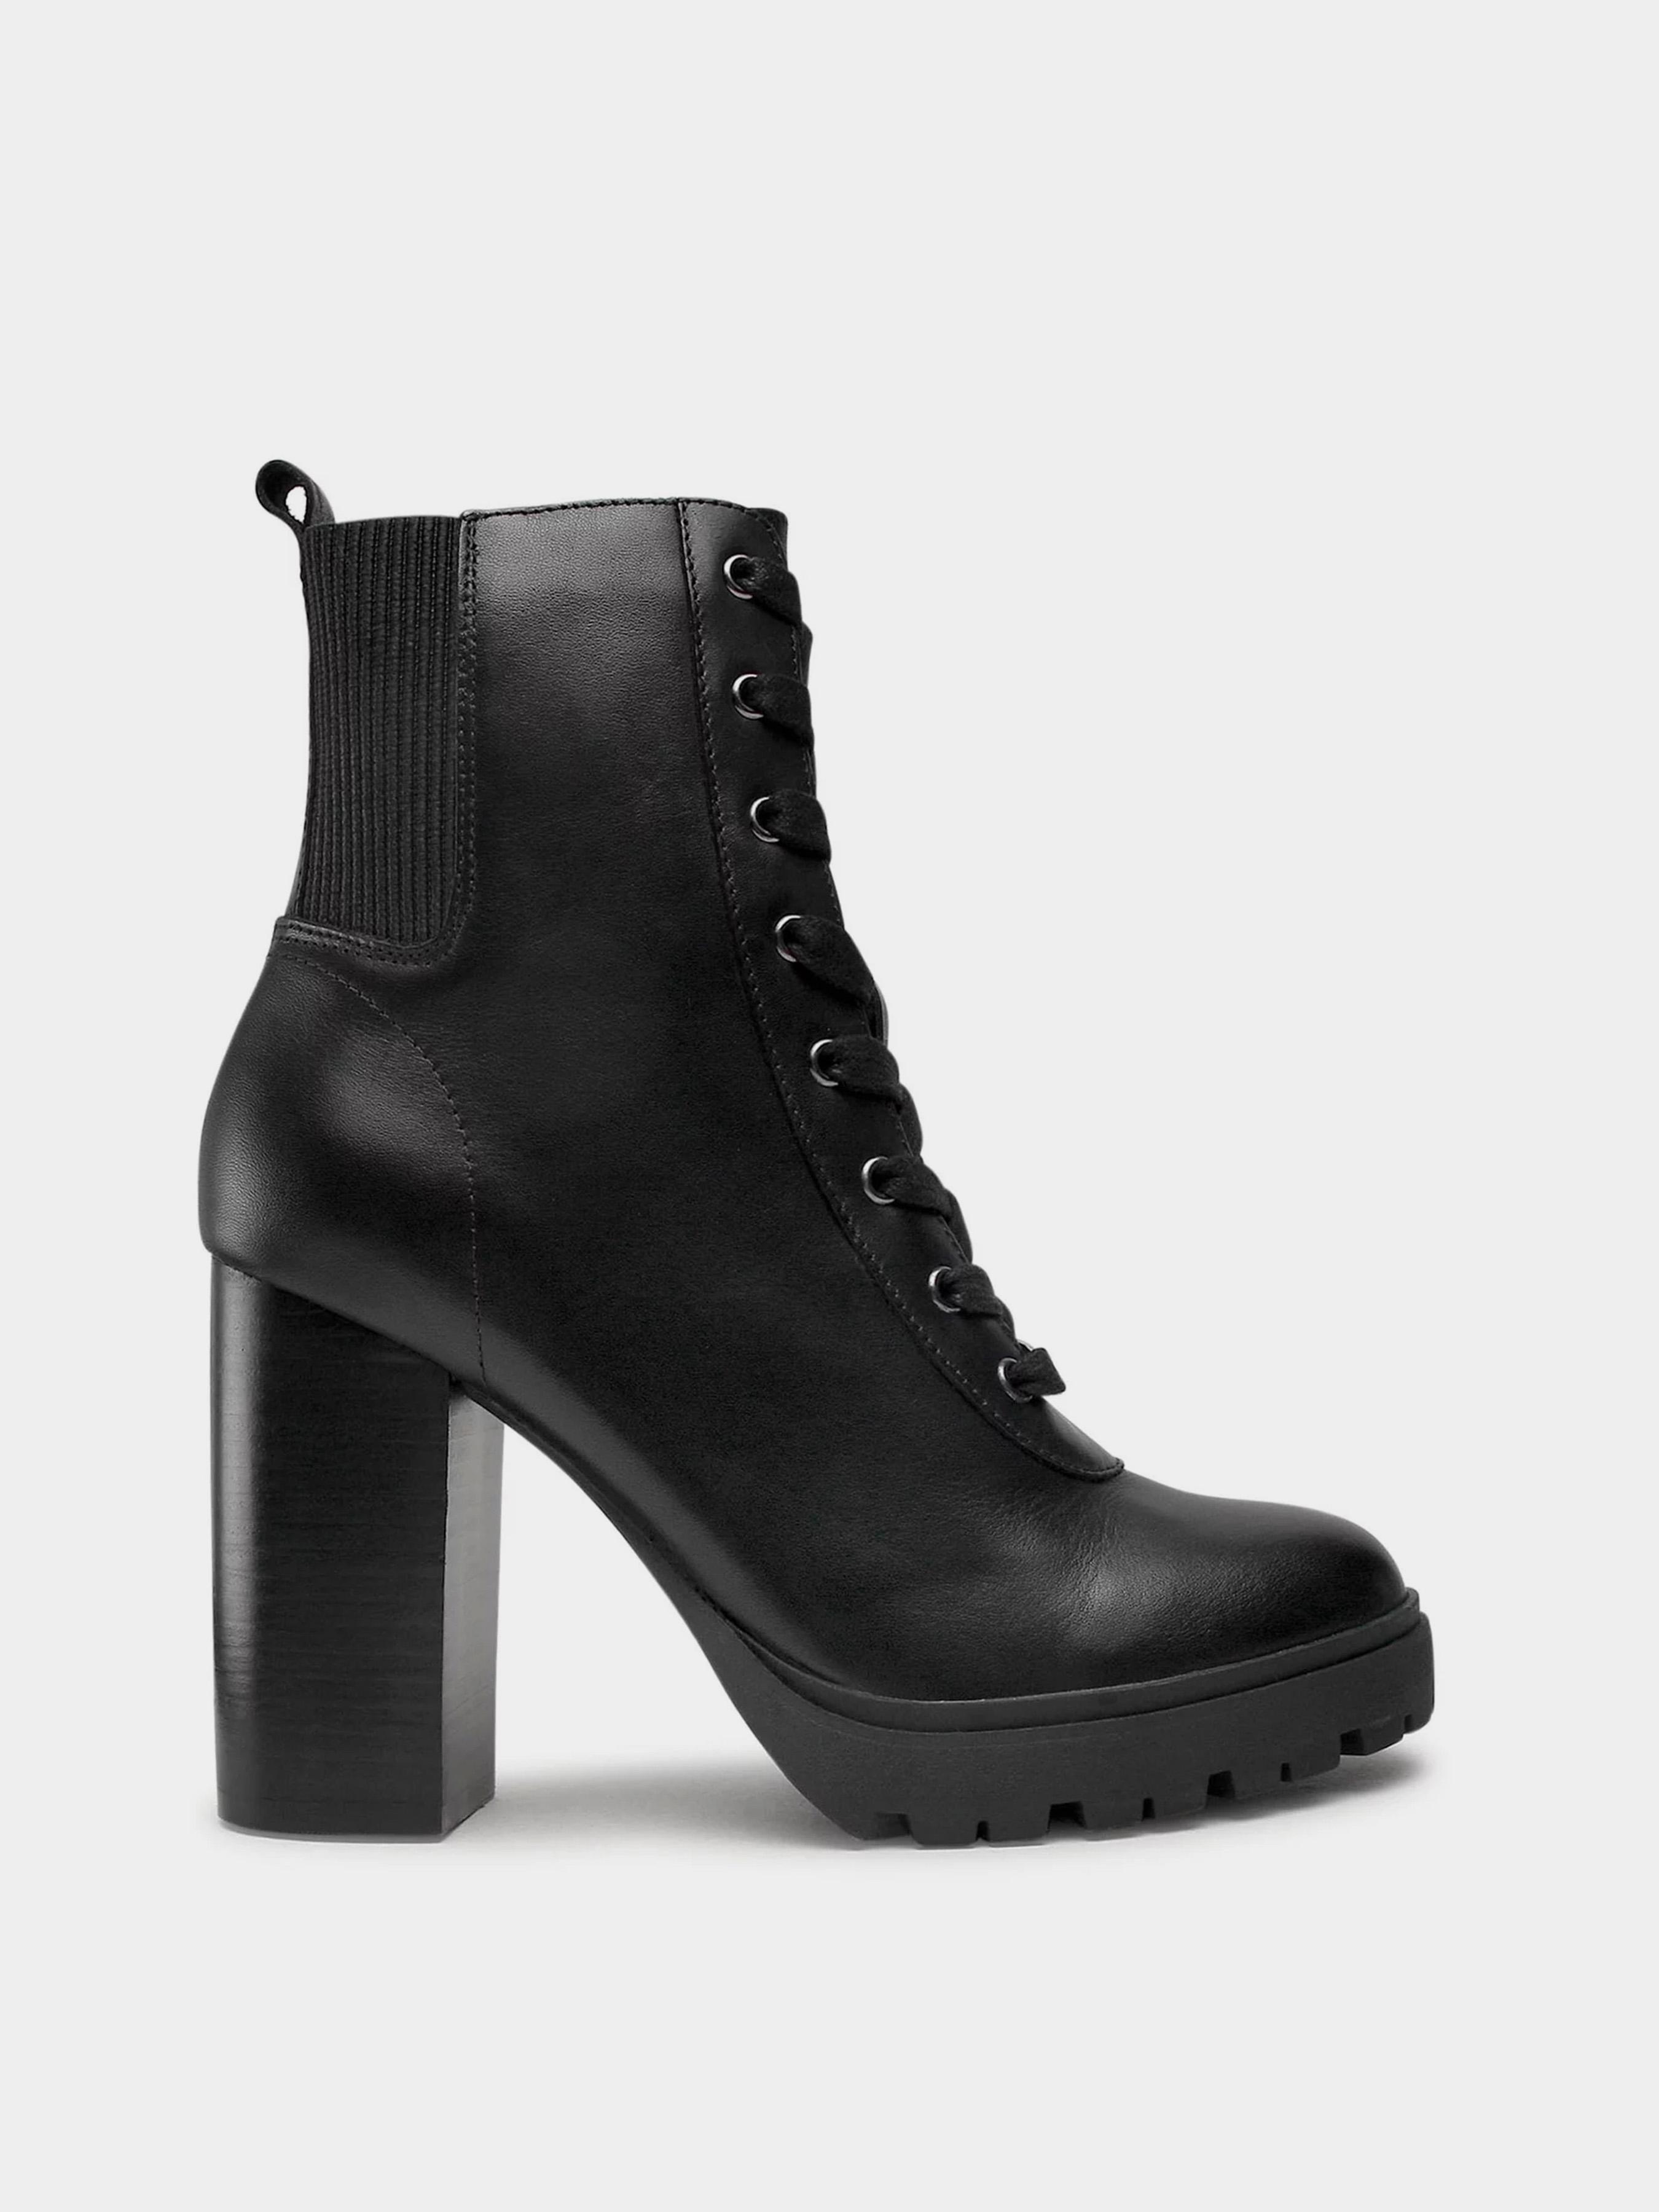 Купить Ботинки женские Steve Madden 9T97, Черный